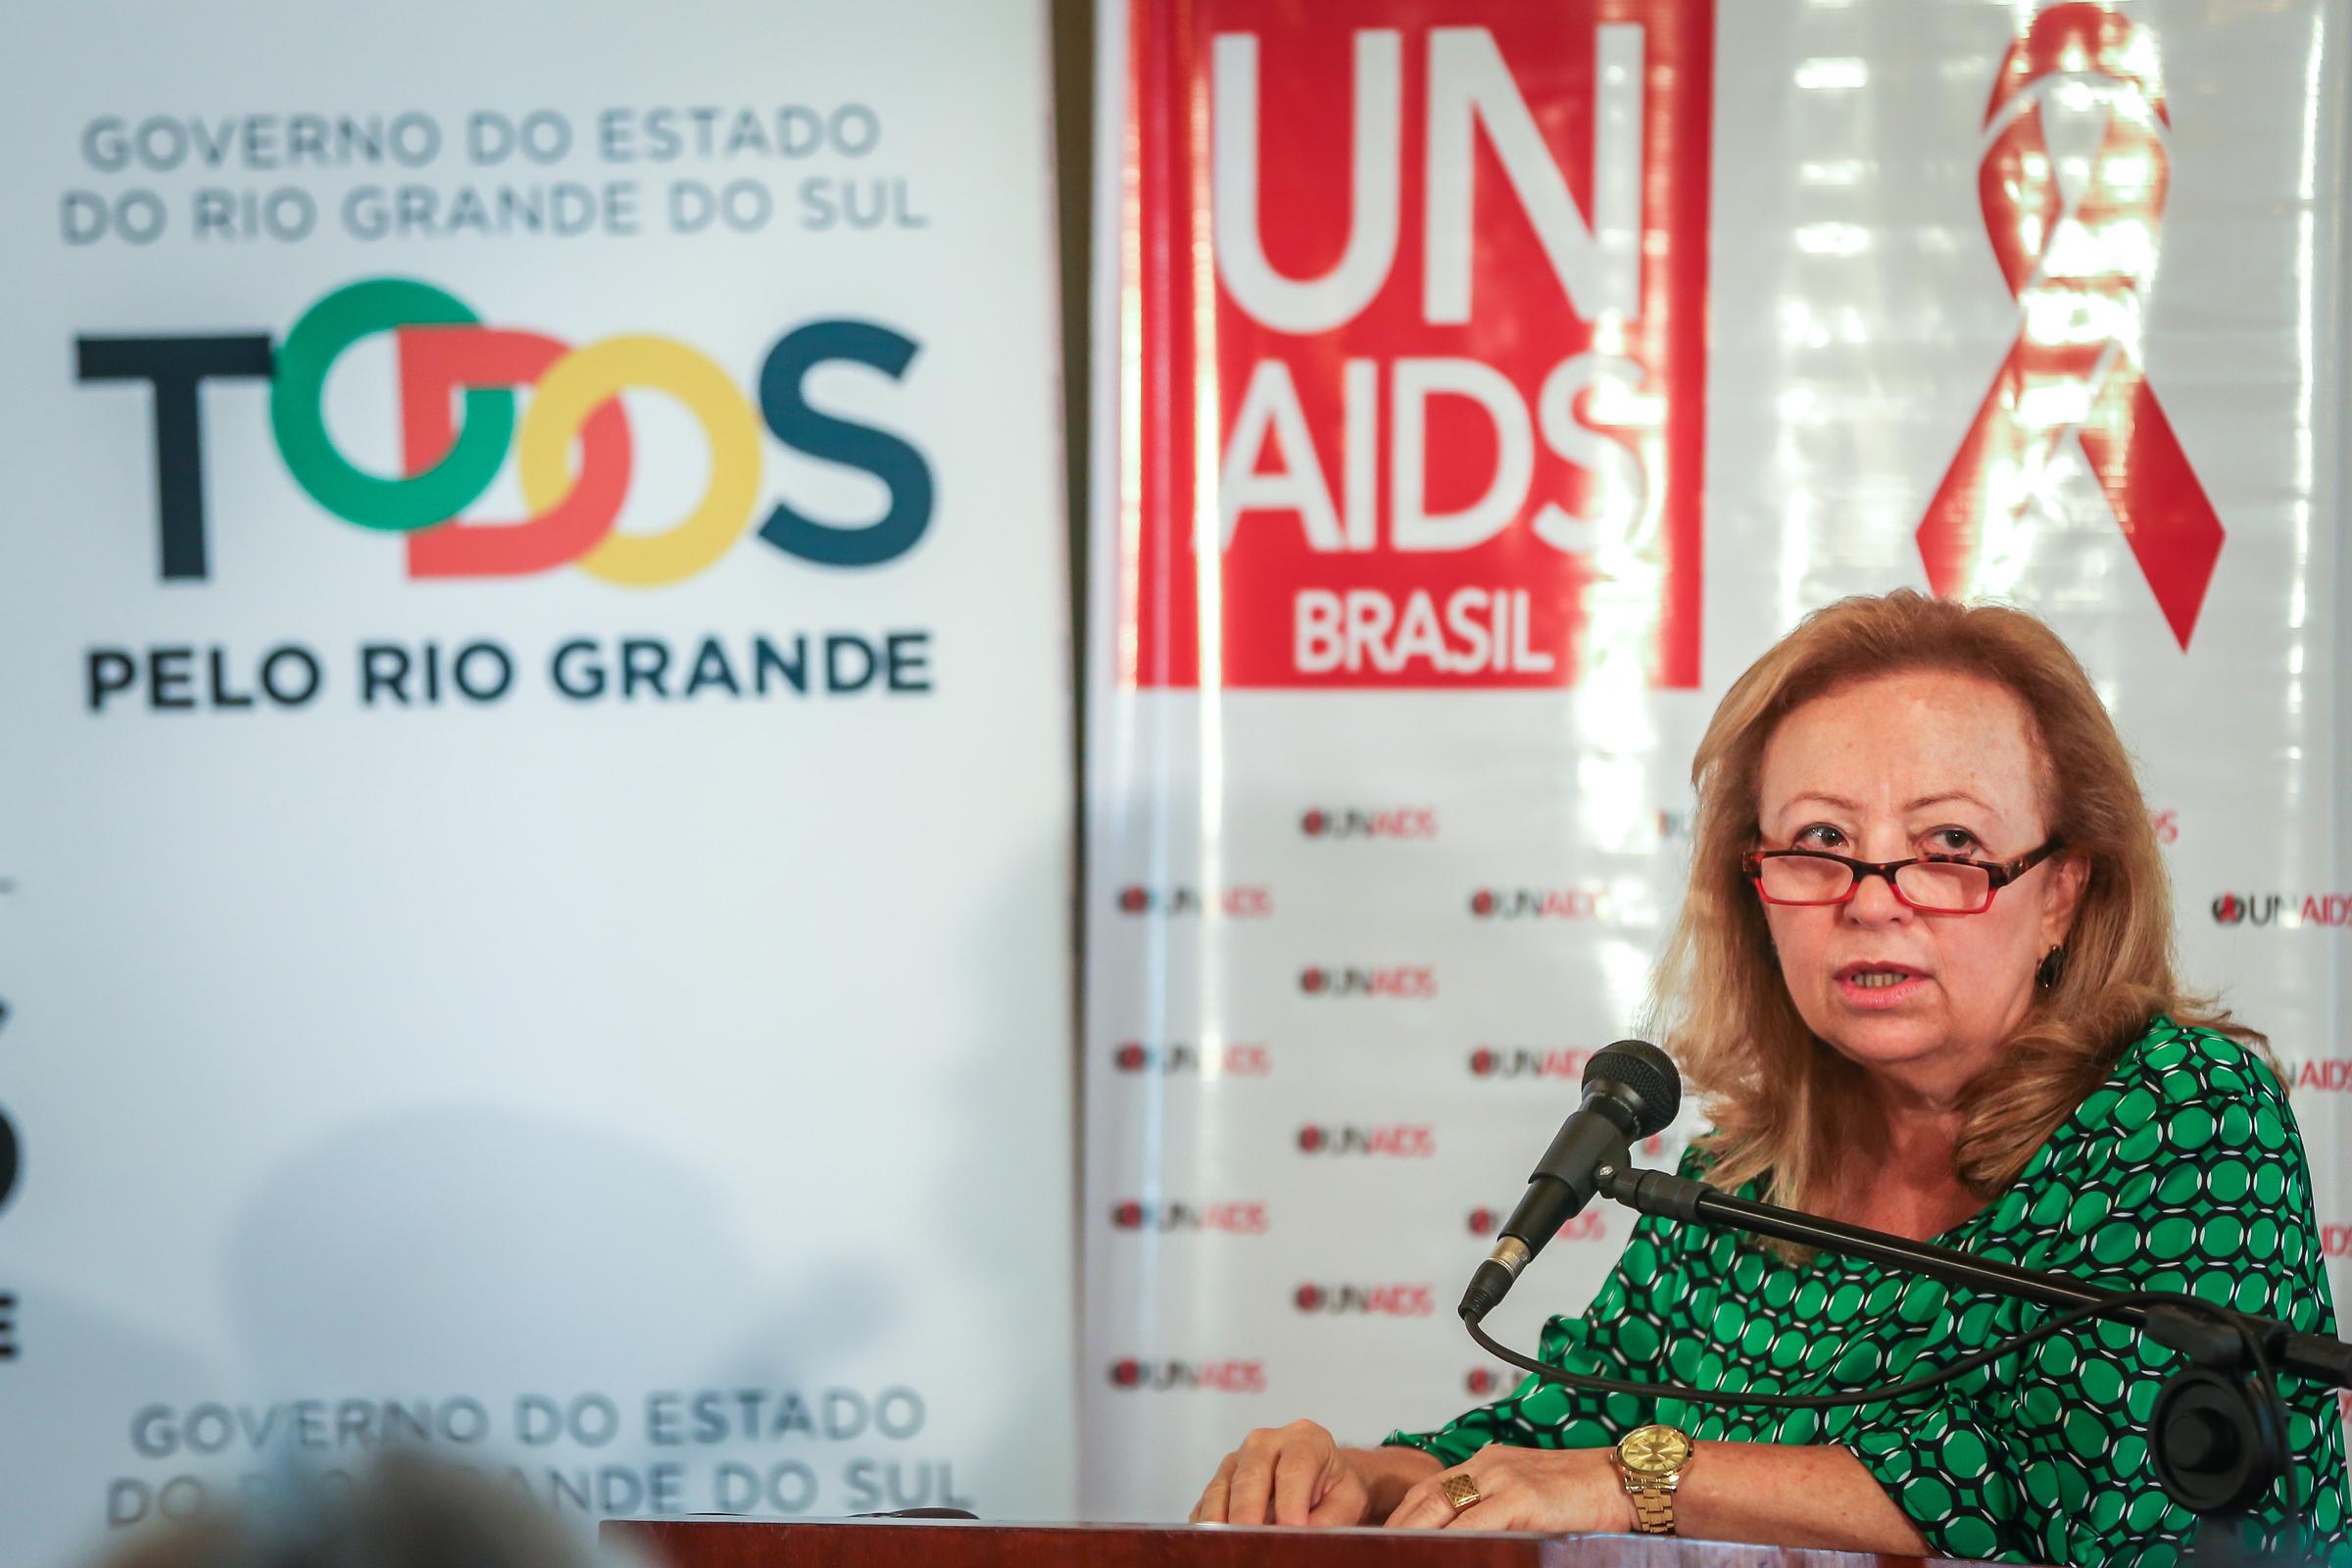 Assinatura da Declaração de Paris do UNAIDS por 15 prefeituras do Rio Grande do Sul e pelo governo do Estado. A Declaração é um compromisso para a aceleração da resposta à AIDS por meio do cumprimento das metas de tratamento 90-90-90 até 2020: 90% das pessoas vivendo com HIV diagnosticadas; 90% destas em tratamento; e 90% destas com carga viral indetectável. FOTO: Jefferson Bernardes/ Agência Preview